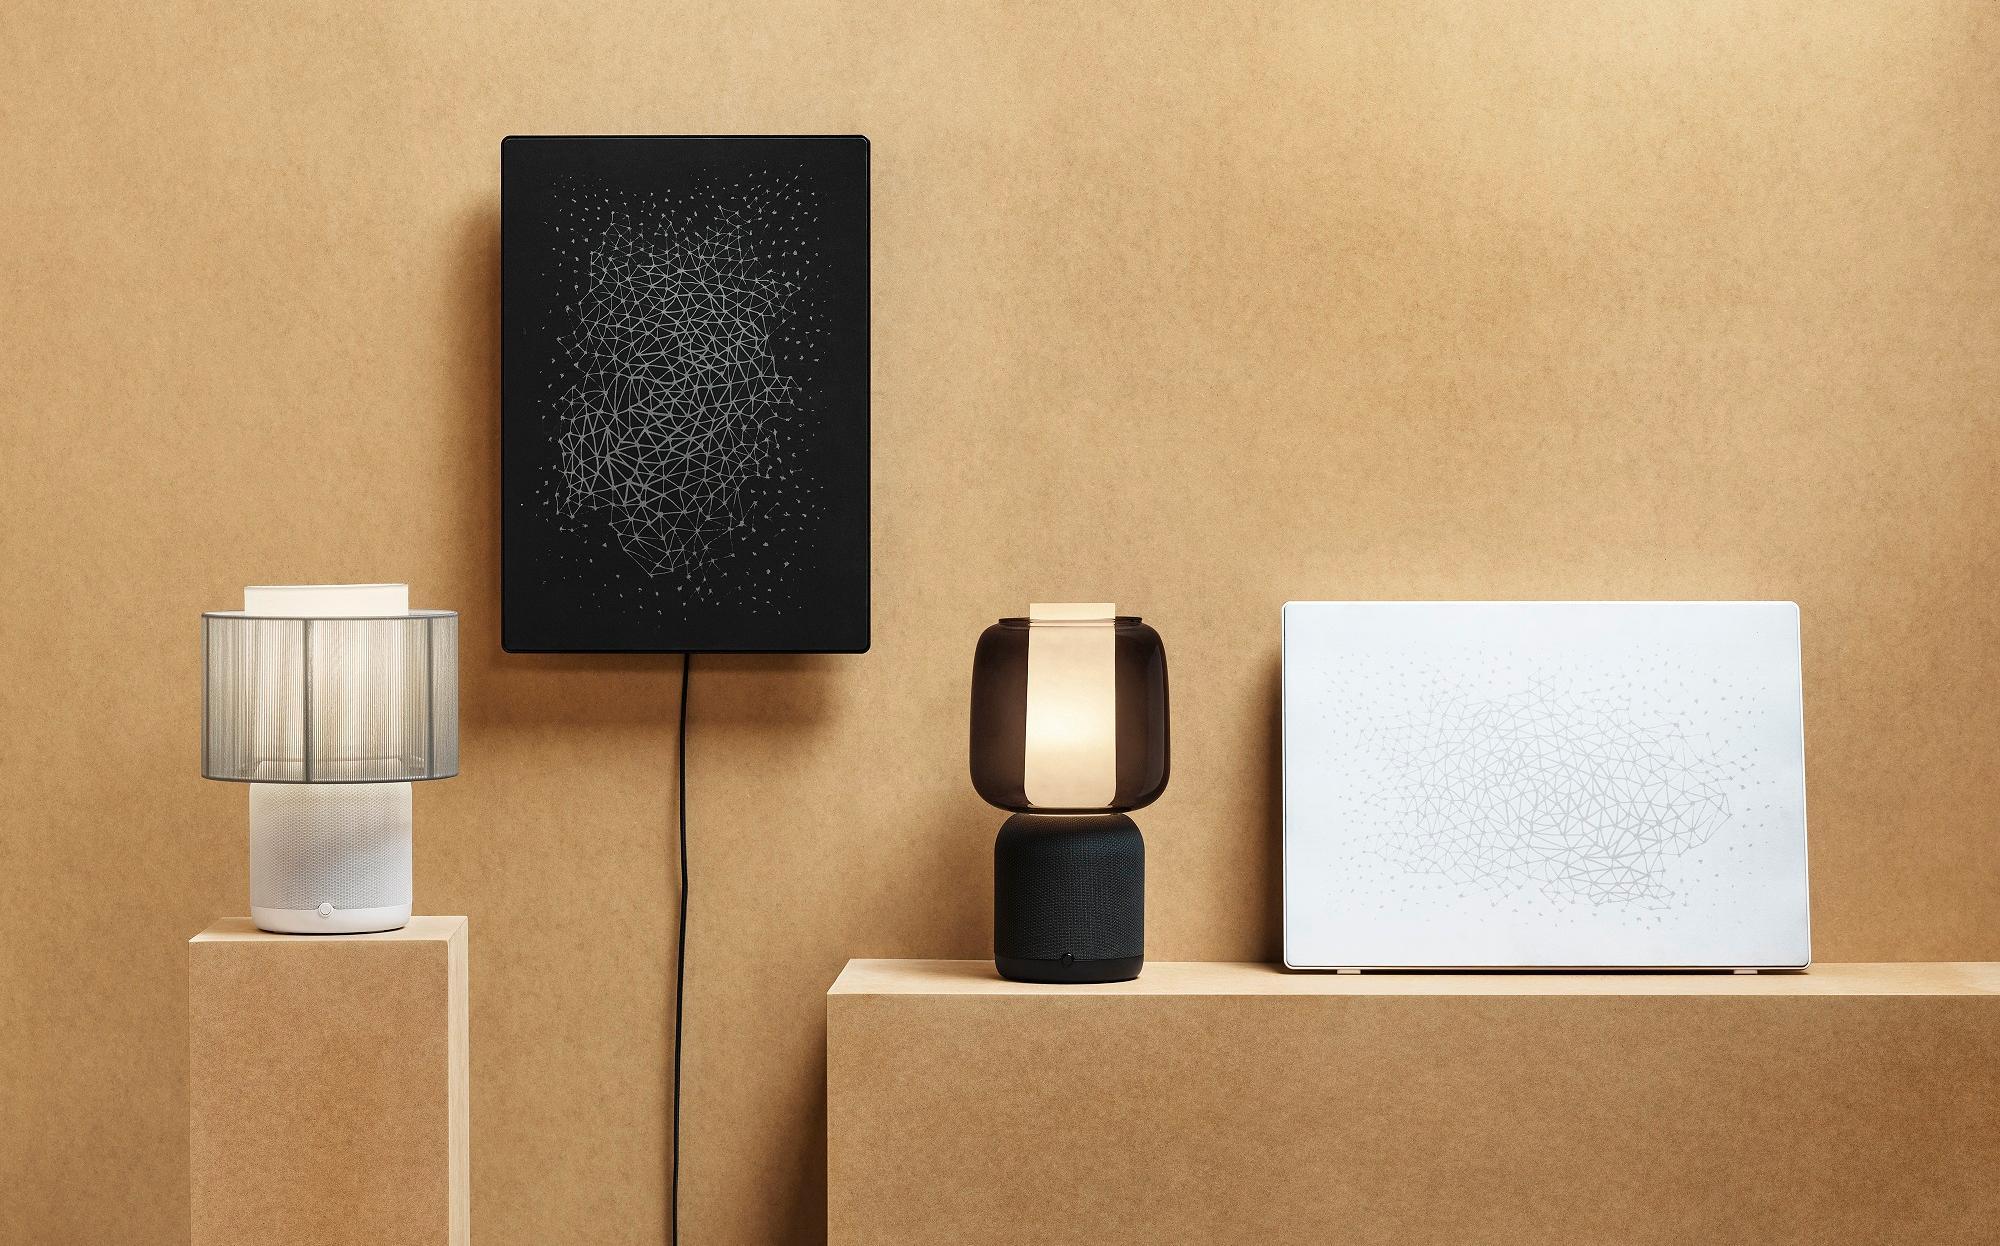 Ikea og Sonos' bordlampehøyttaler er snart klar i ny versjon.